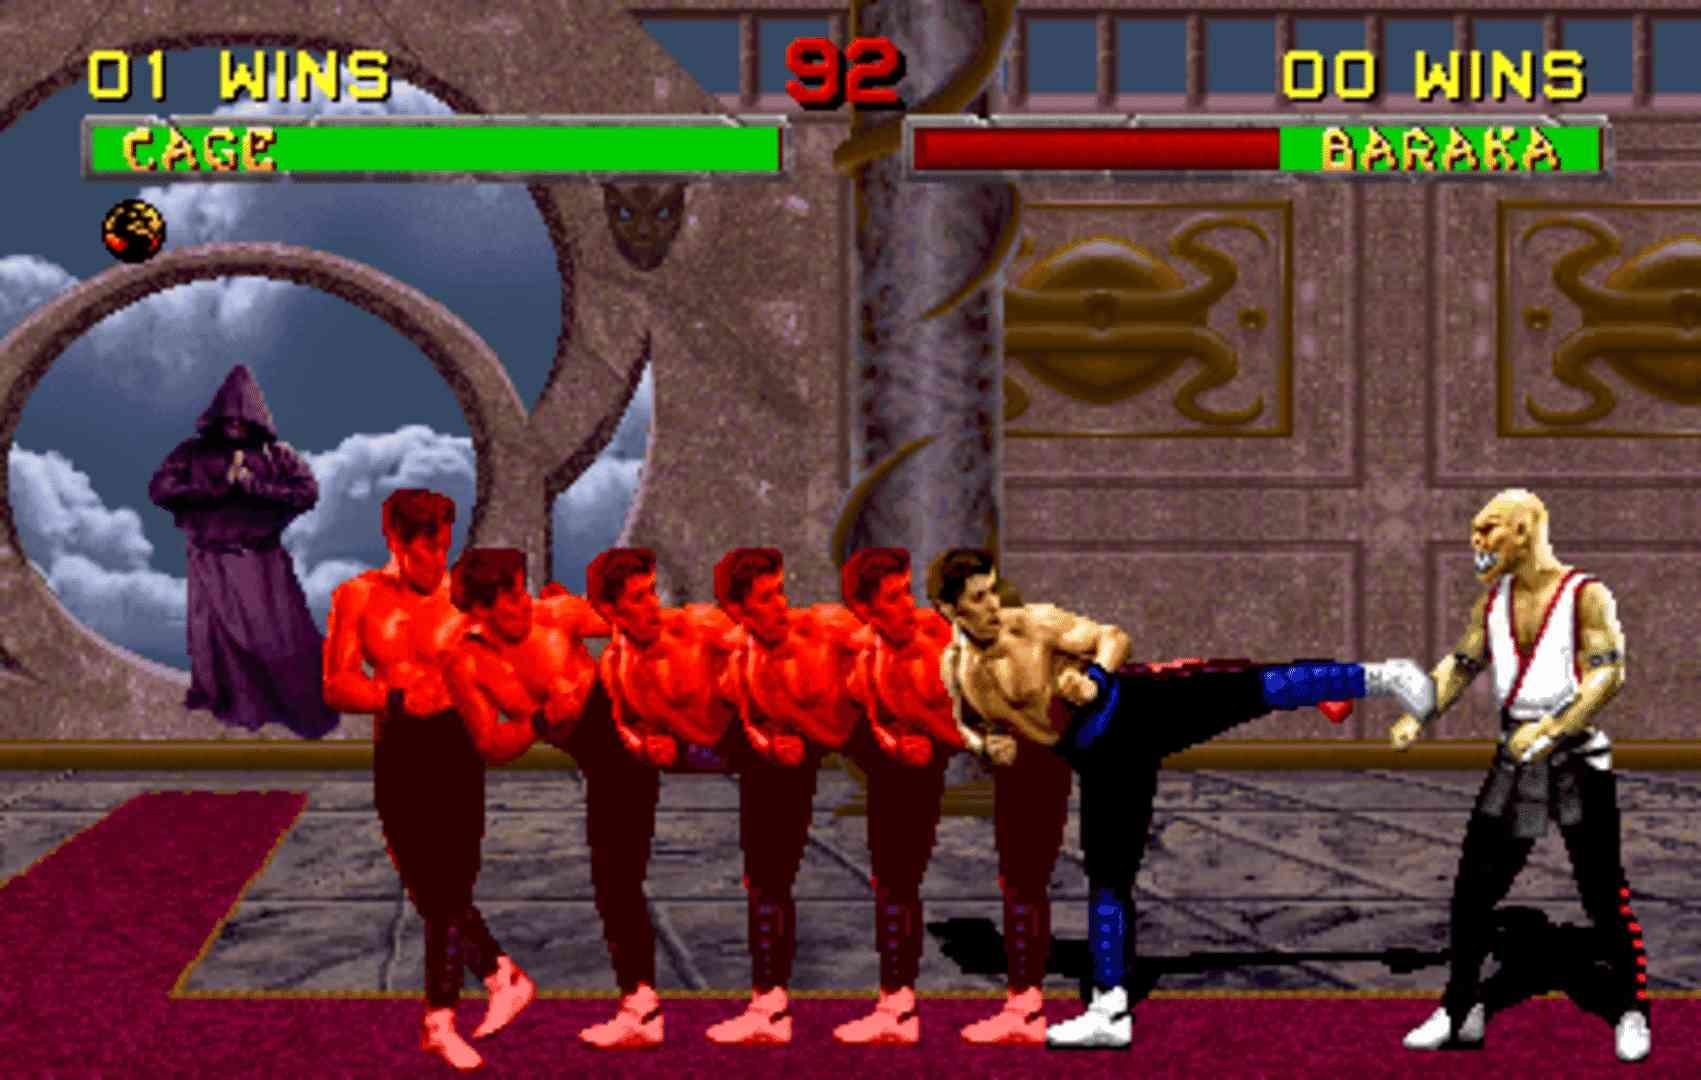 Captura de tela do jogo Mortal Kombat 2 mostrando uma luta entre Johnny Cage e Baraka